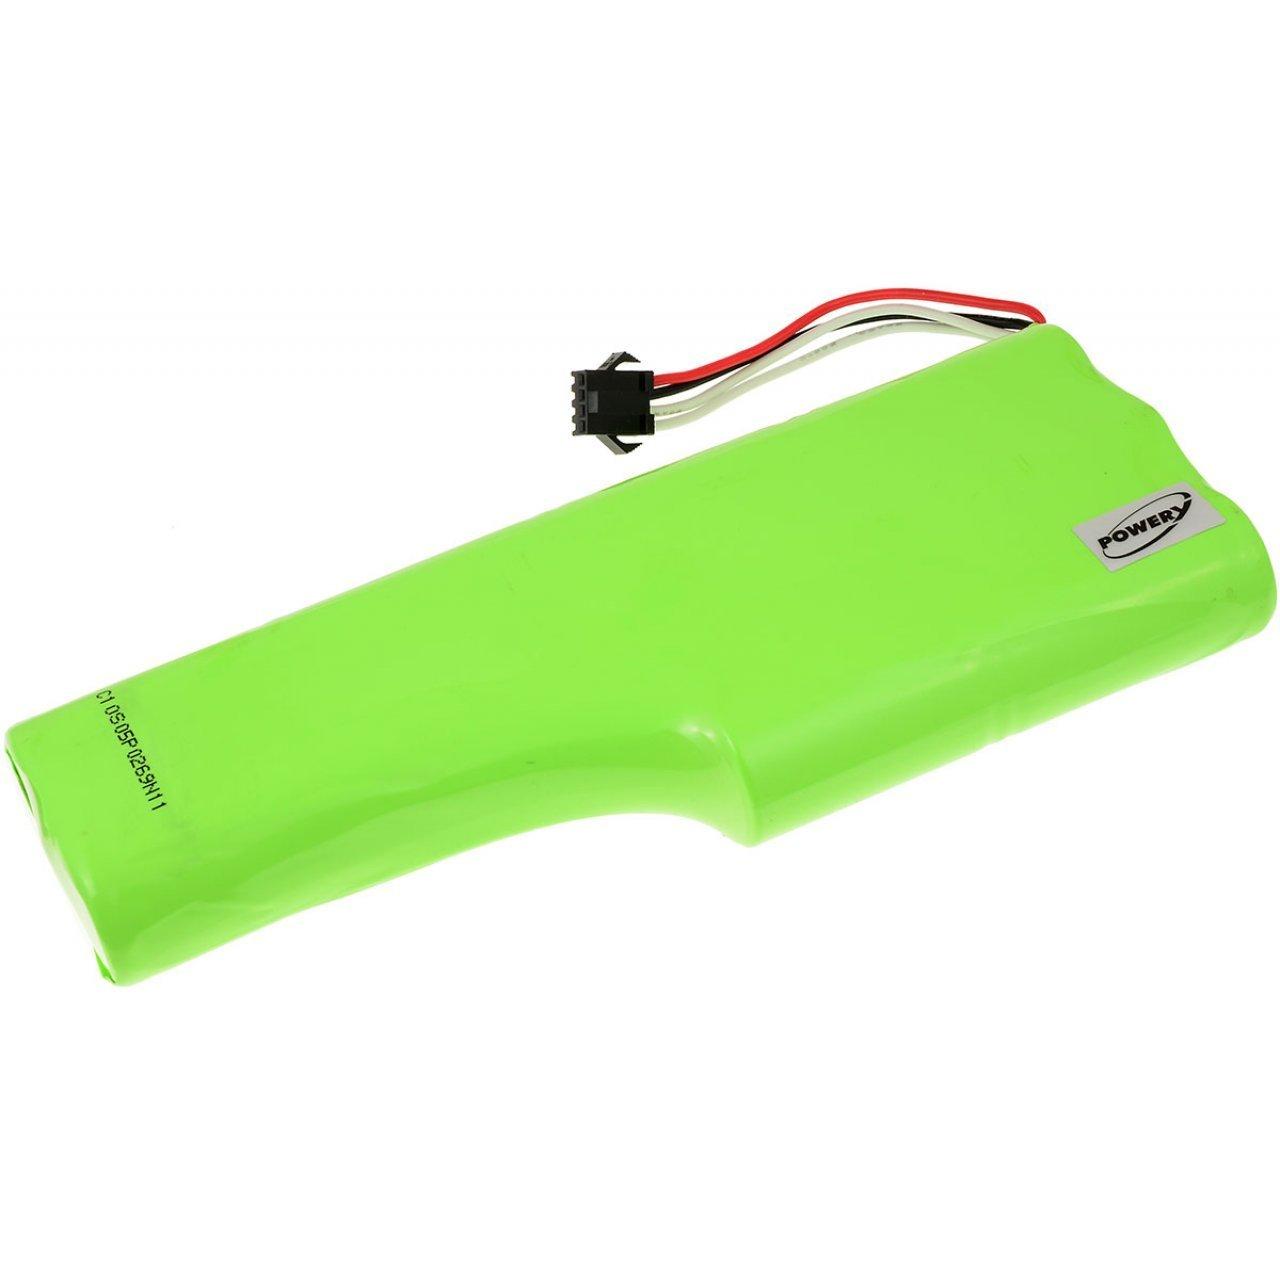 akku-net Batería para Robot Aspirador Ecovacs Deebot D520, 12 V, NiMH: Amazon.es: Electrónica